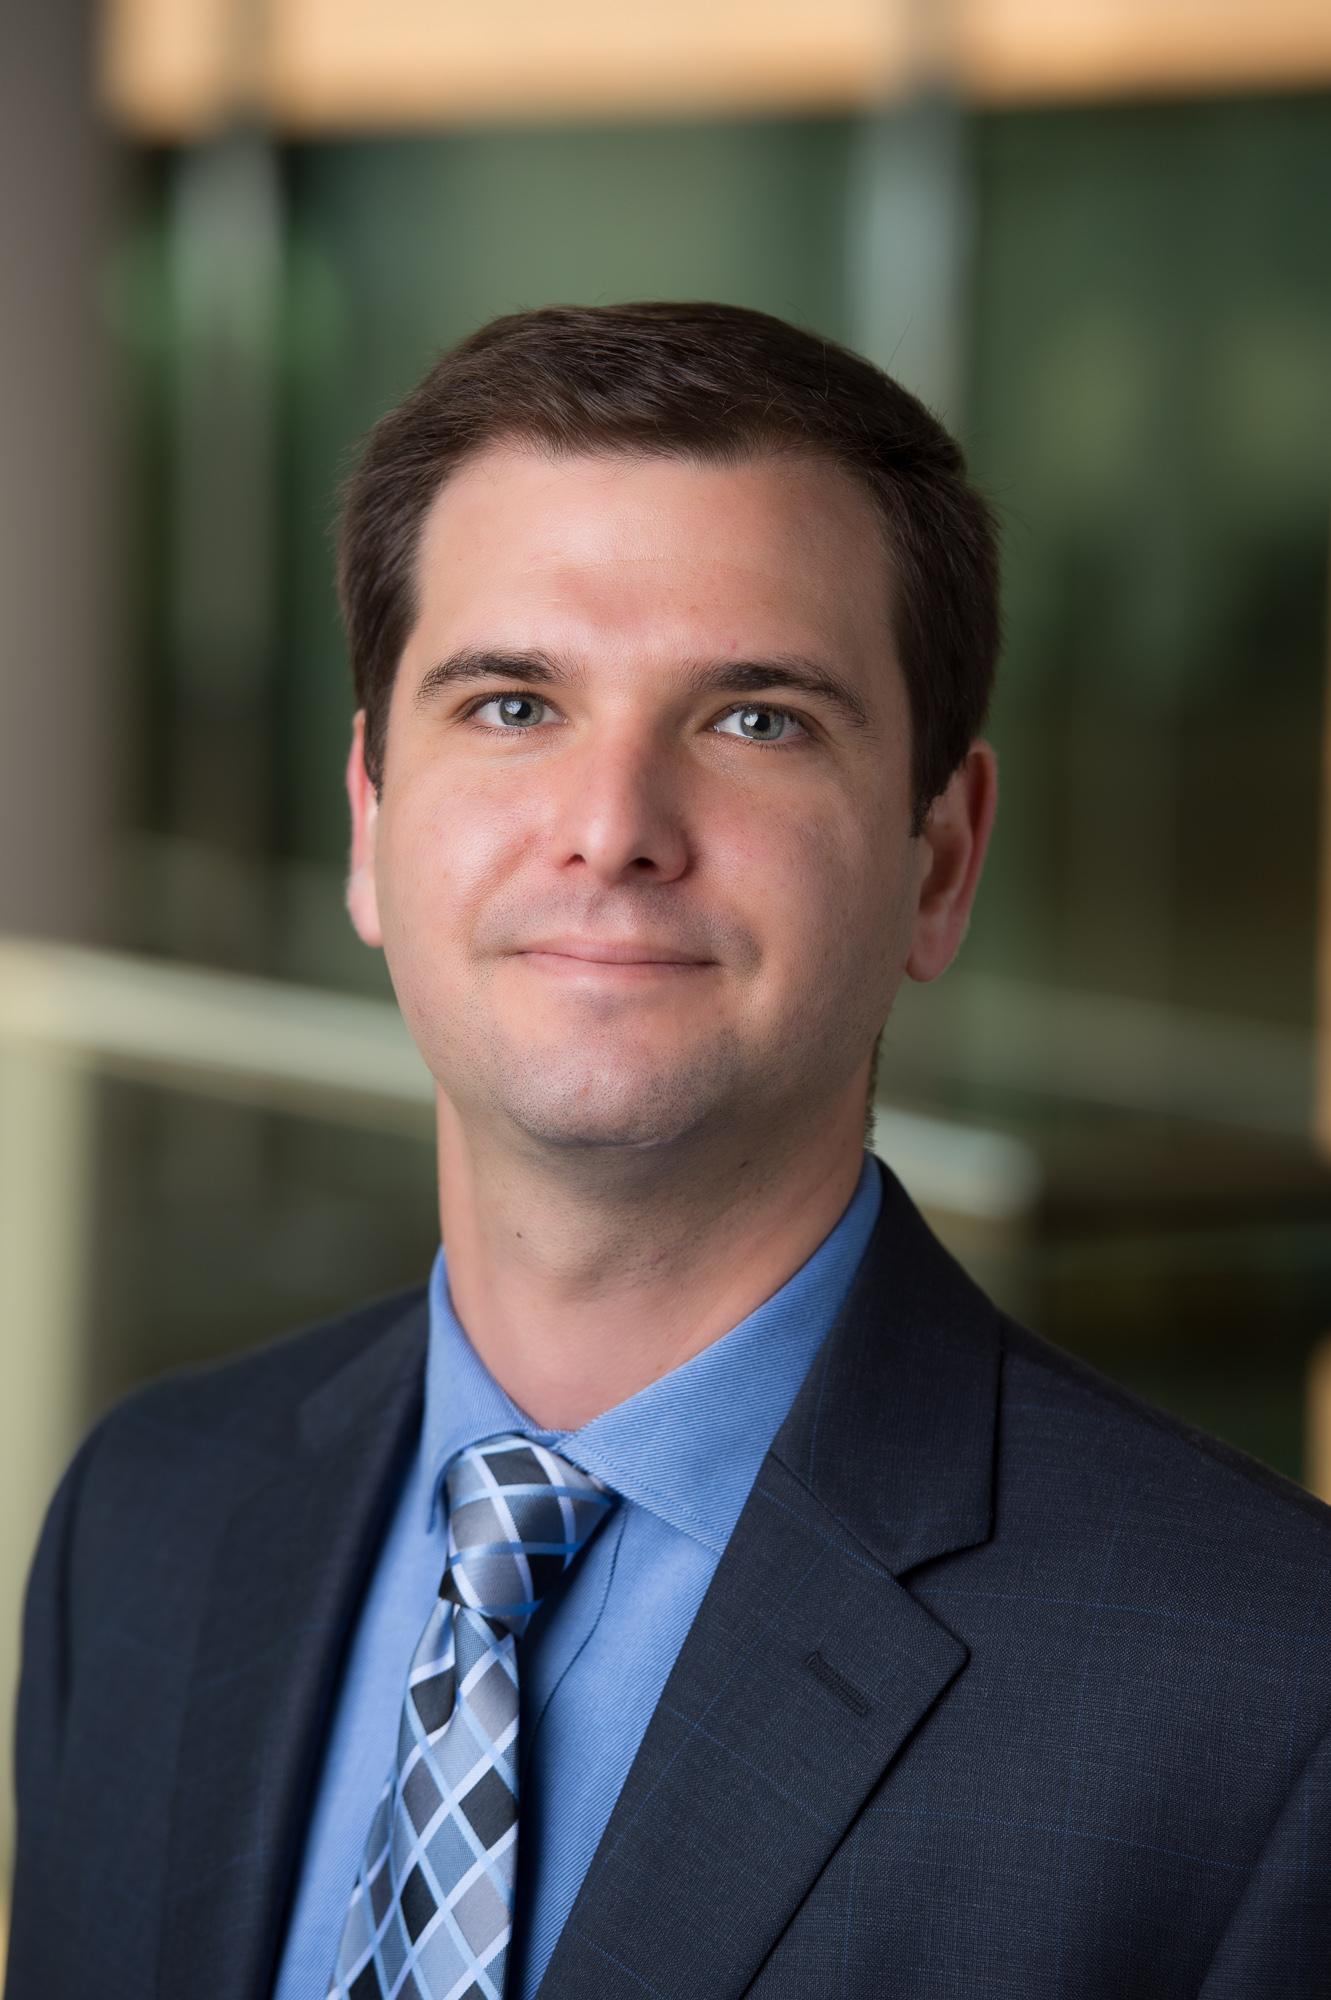 Photo of Jacob Poushter